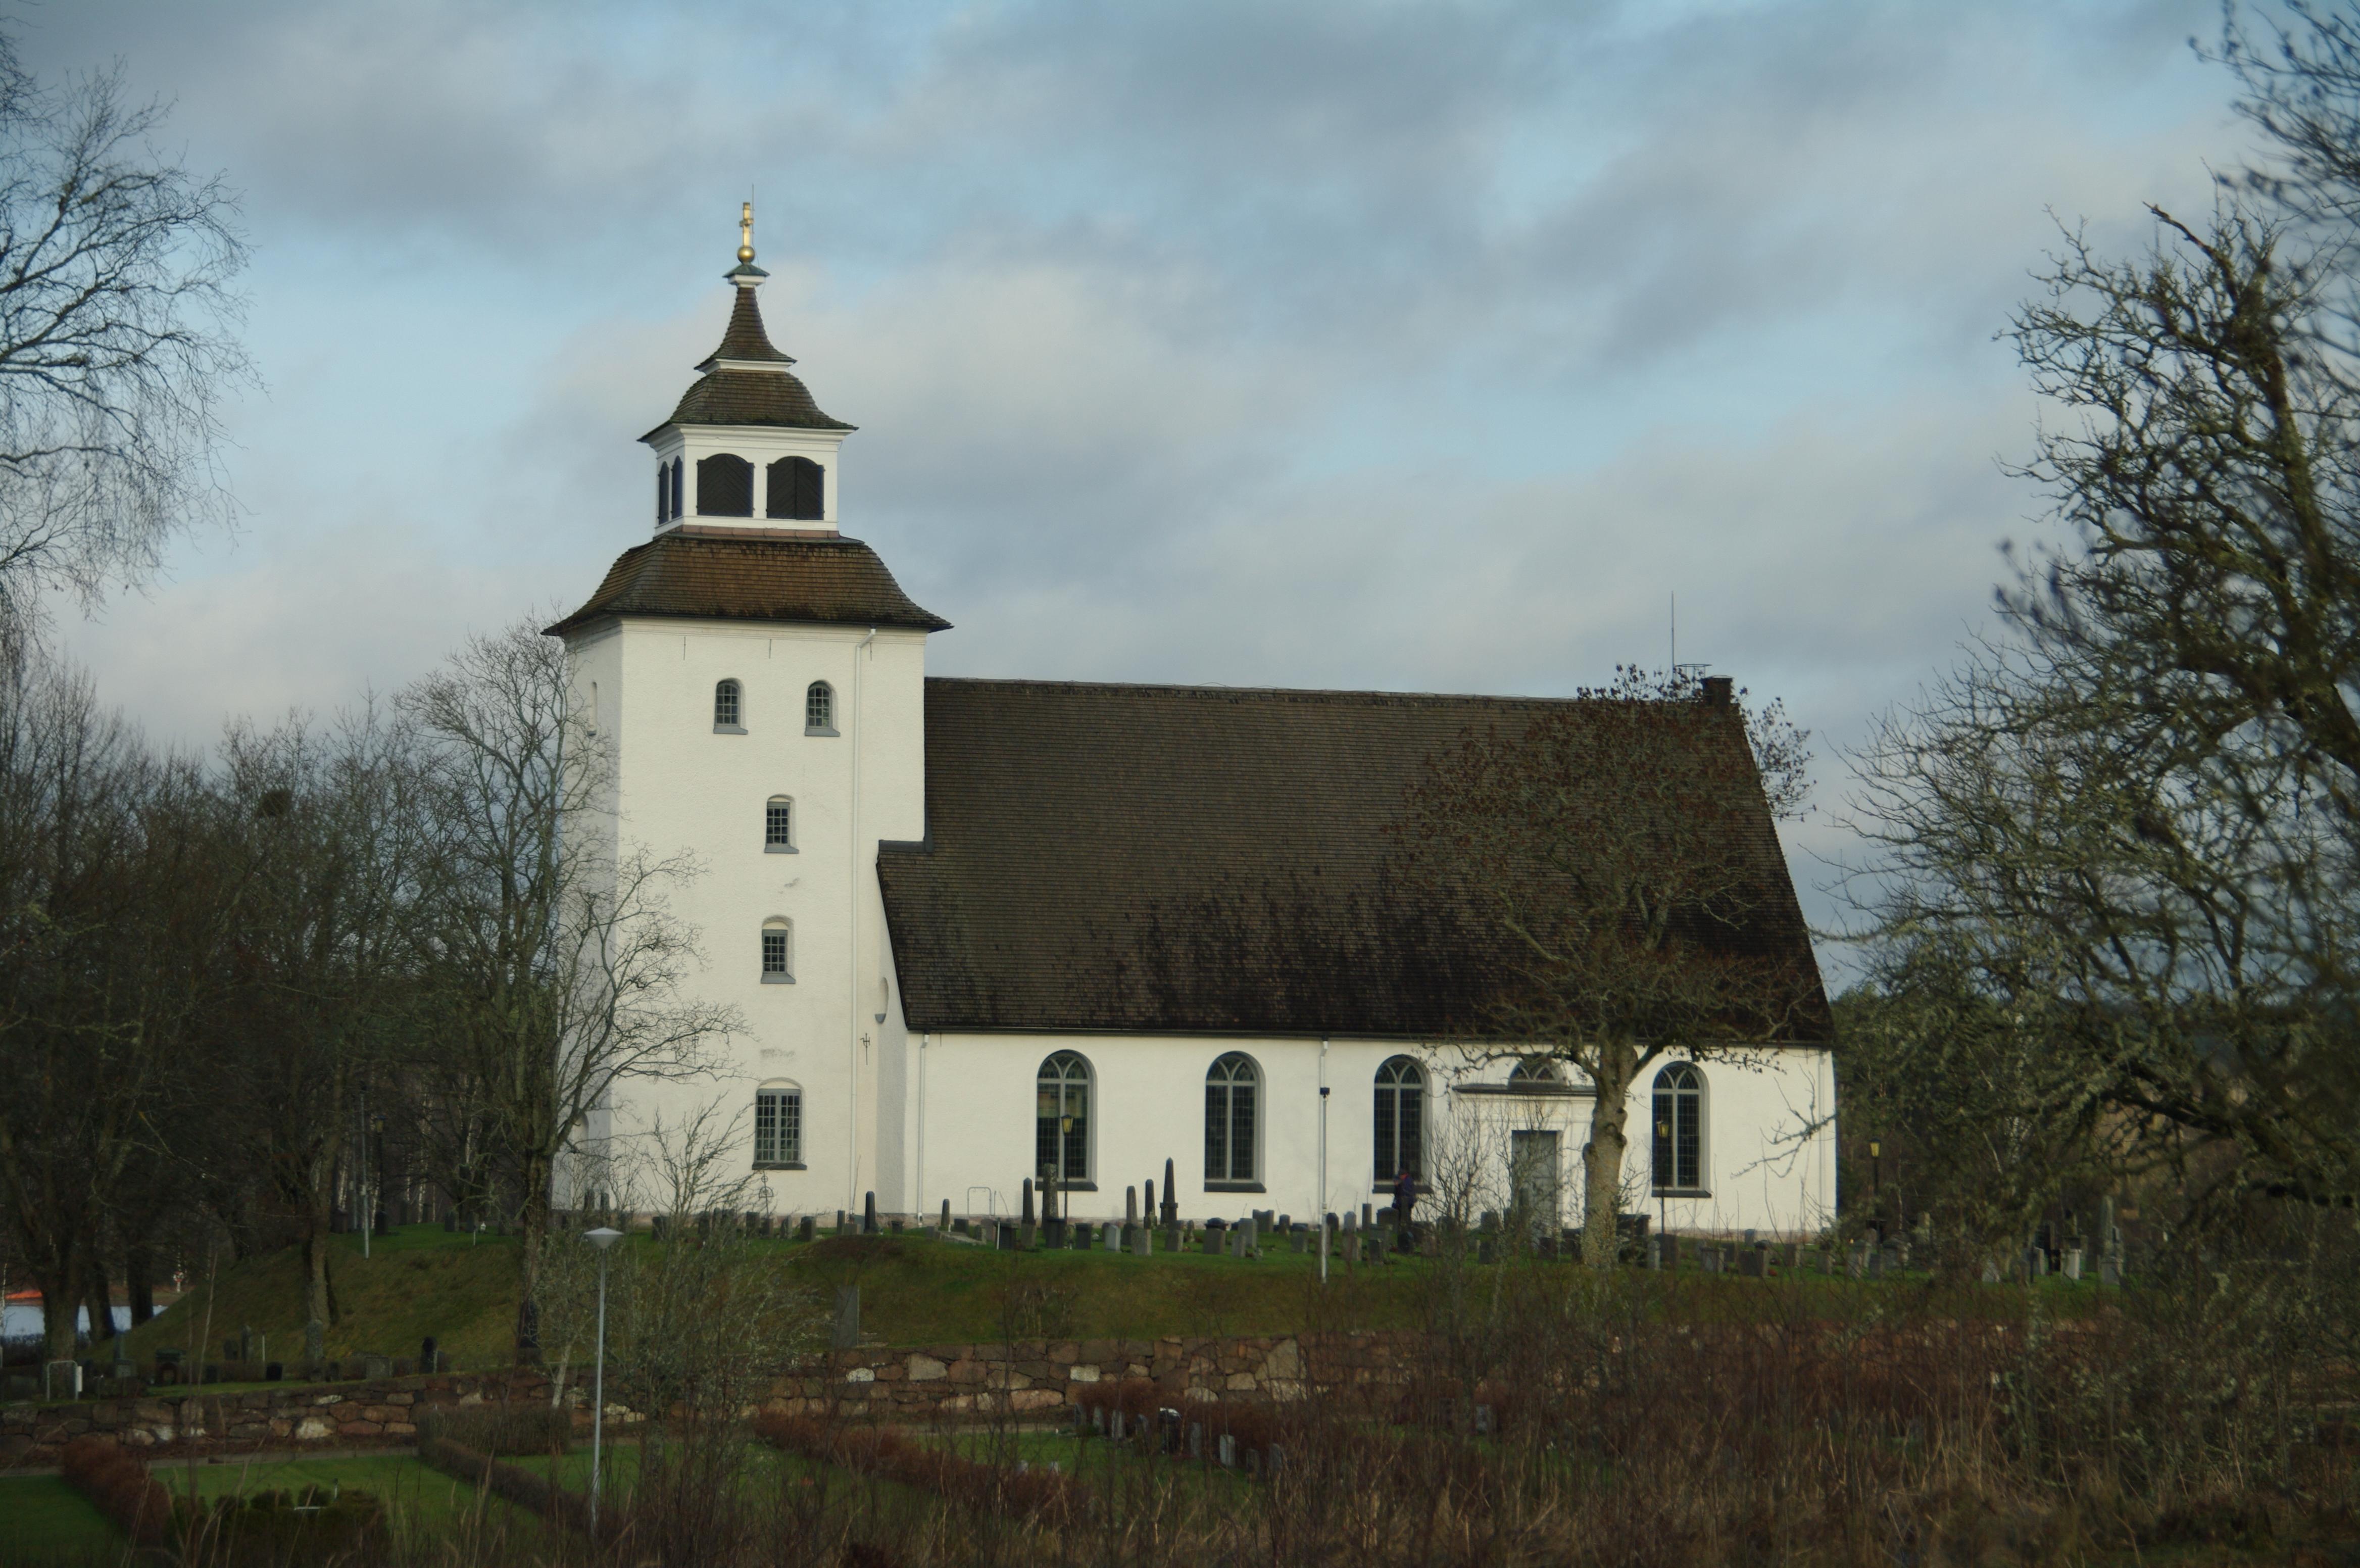 Järeda kyrka